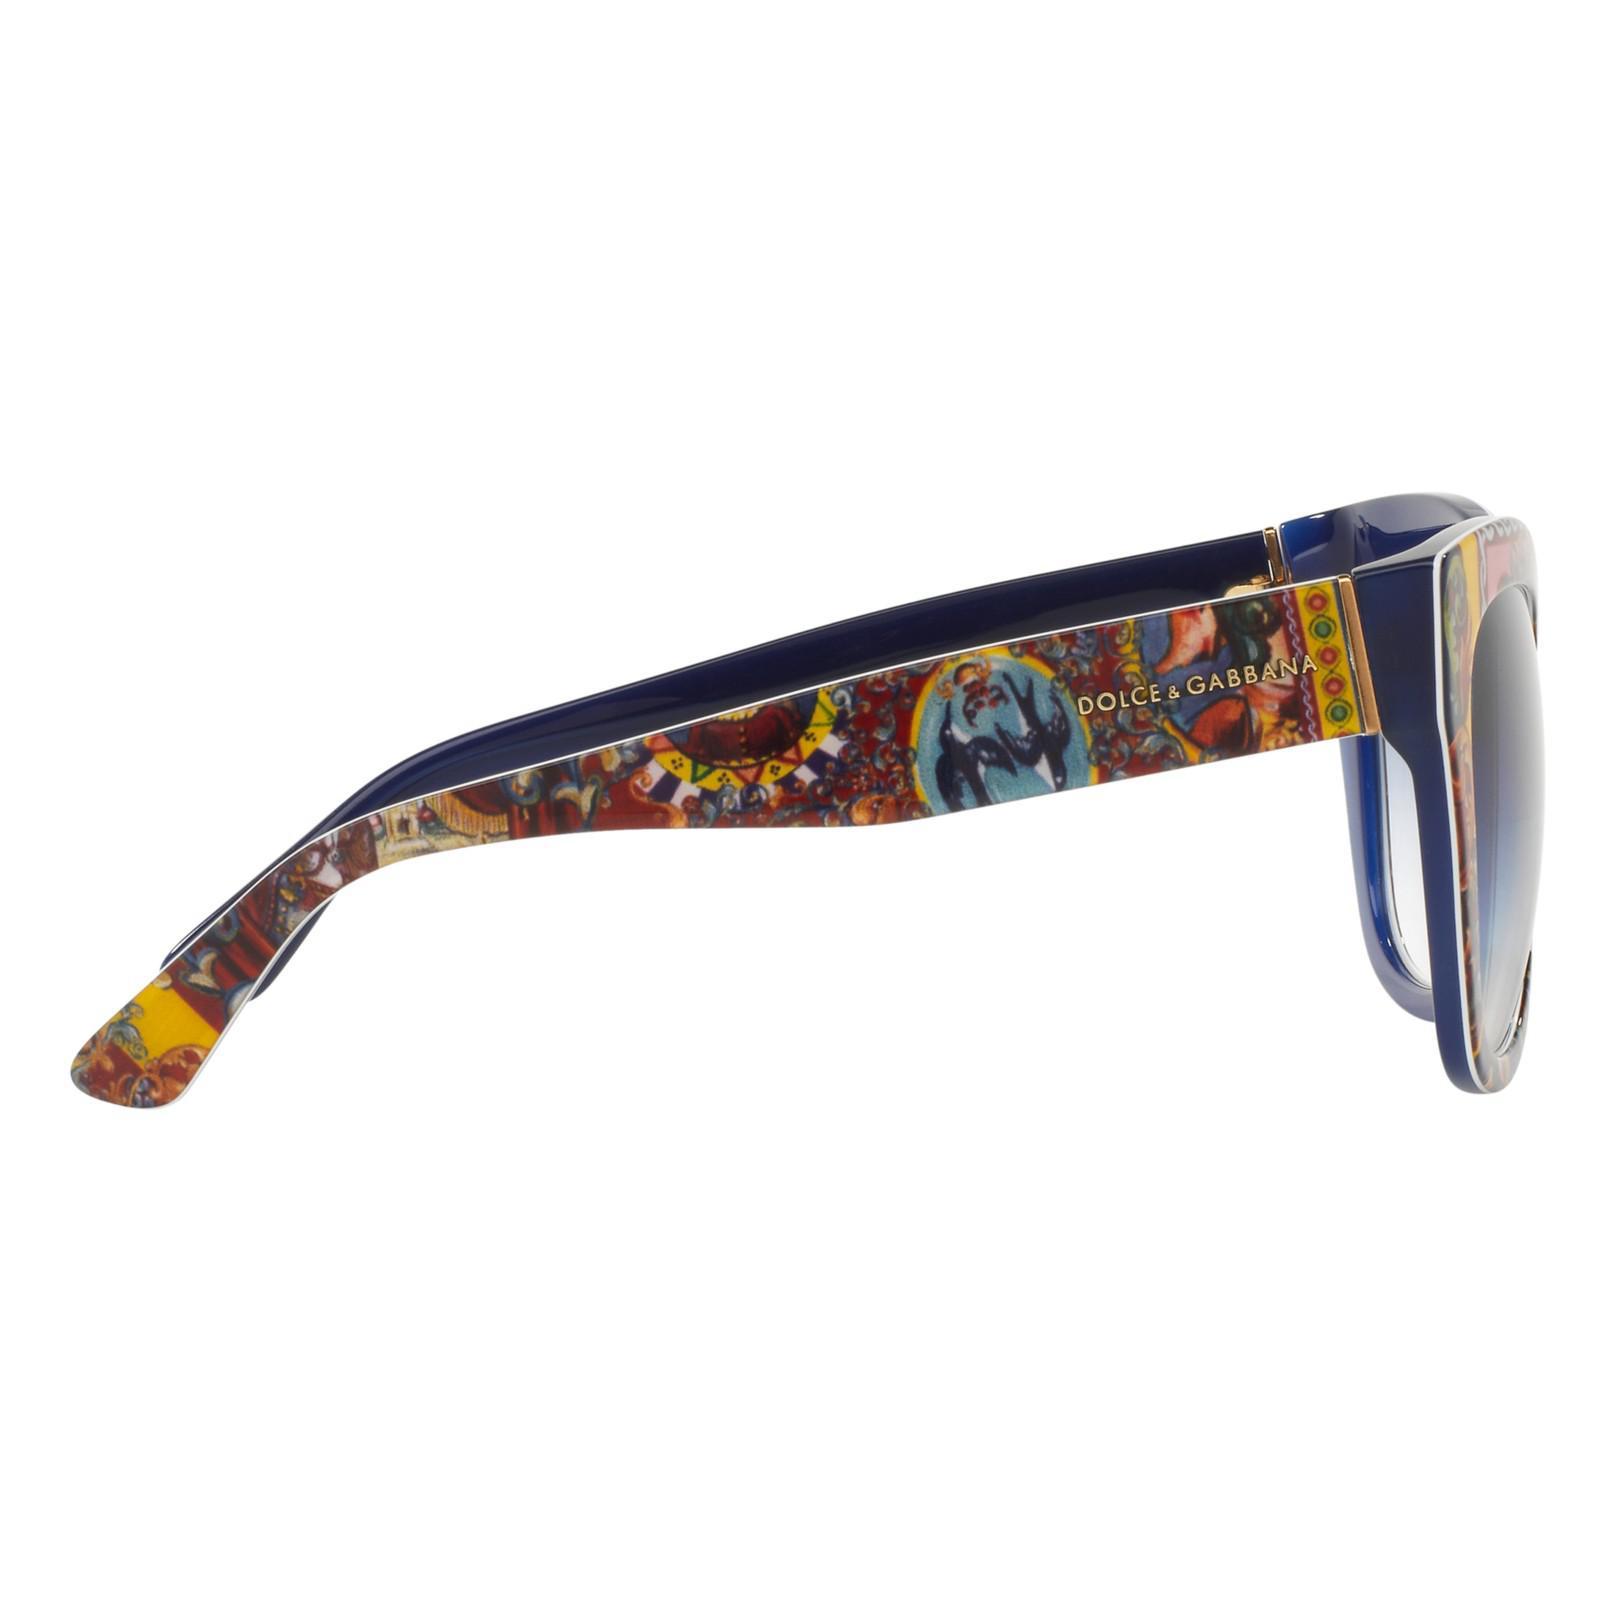 1716f4646a6 Dolce   Gabbana Dg4270 Mama s Brocade Square Sunglasses in Purple - Lyst